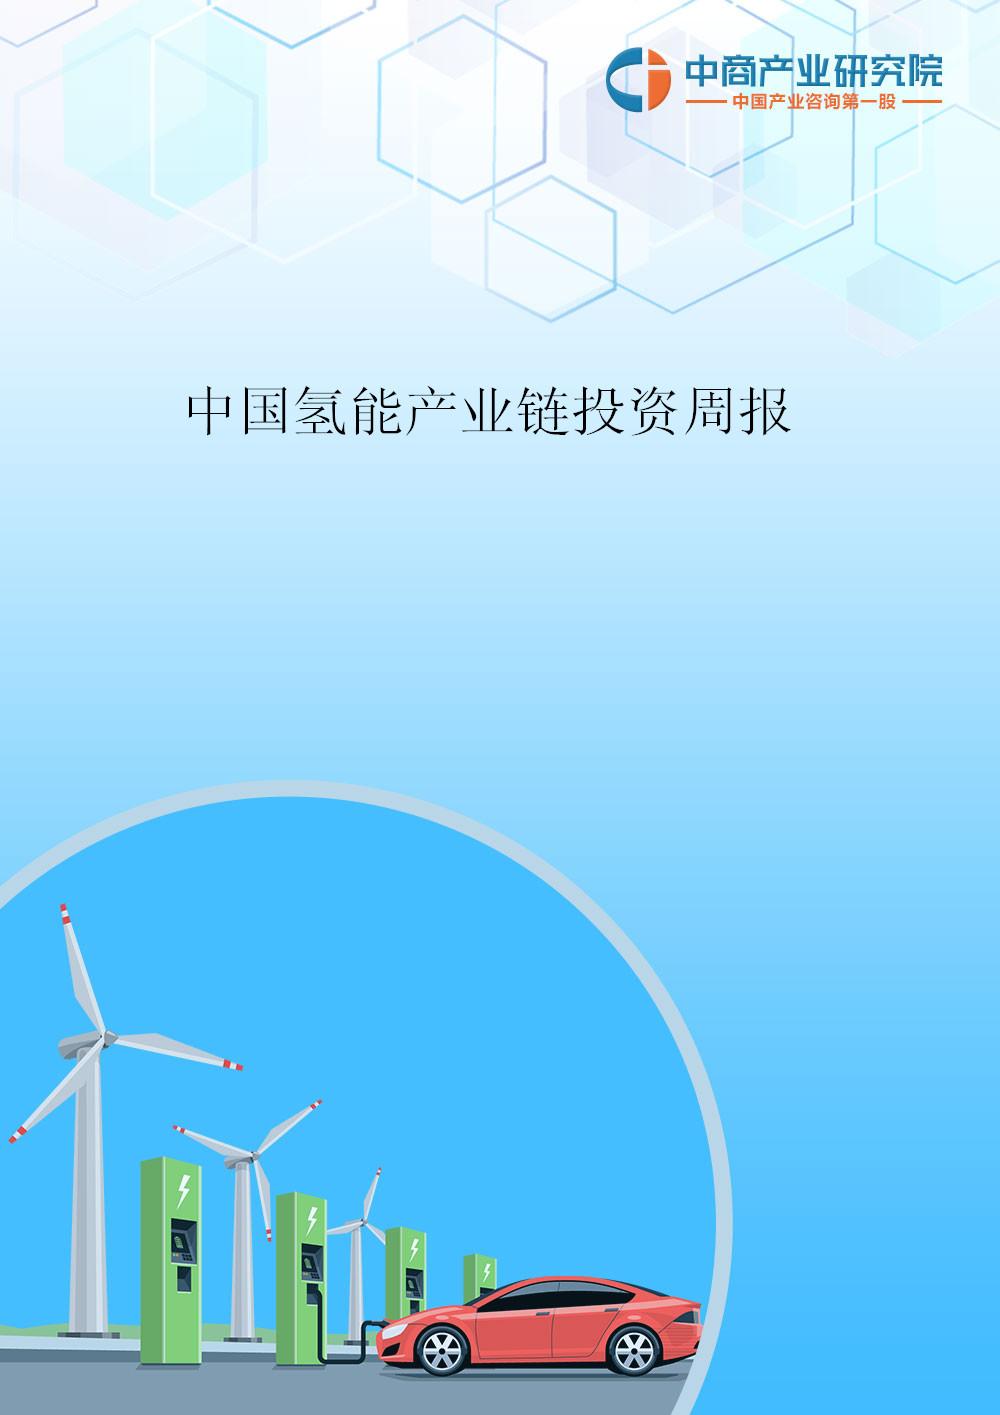 全球氢能产业链投资周报(2019年1月21-26日)